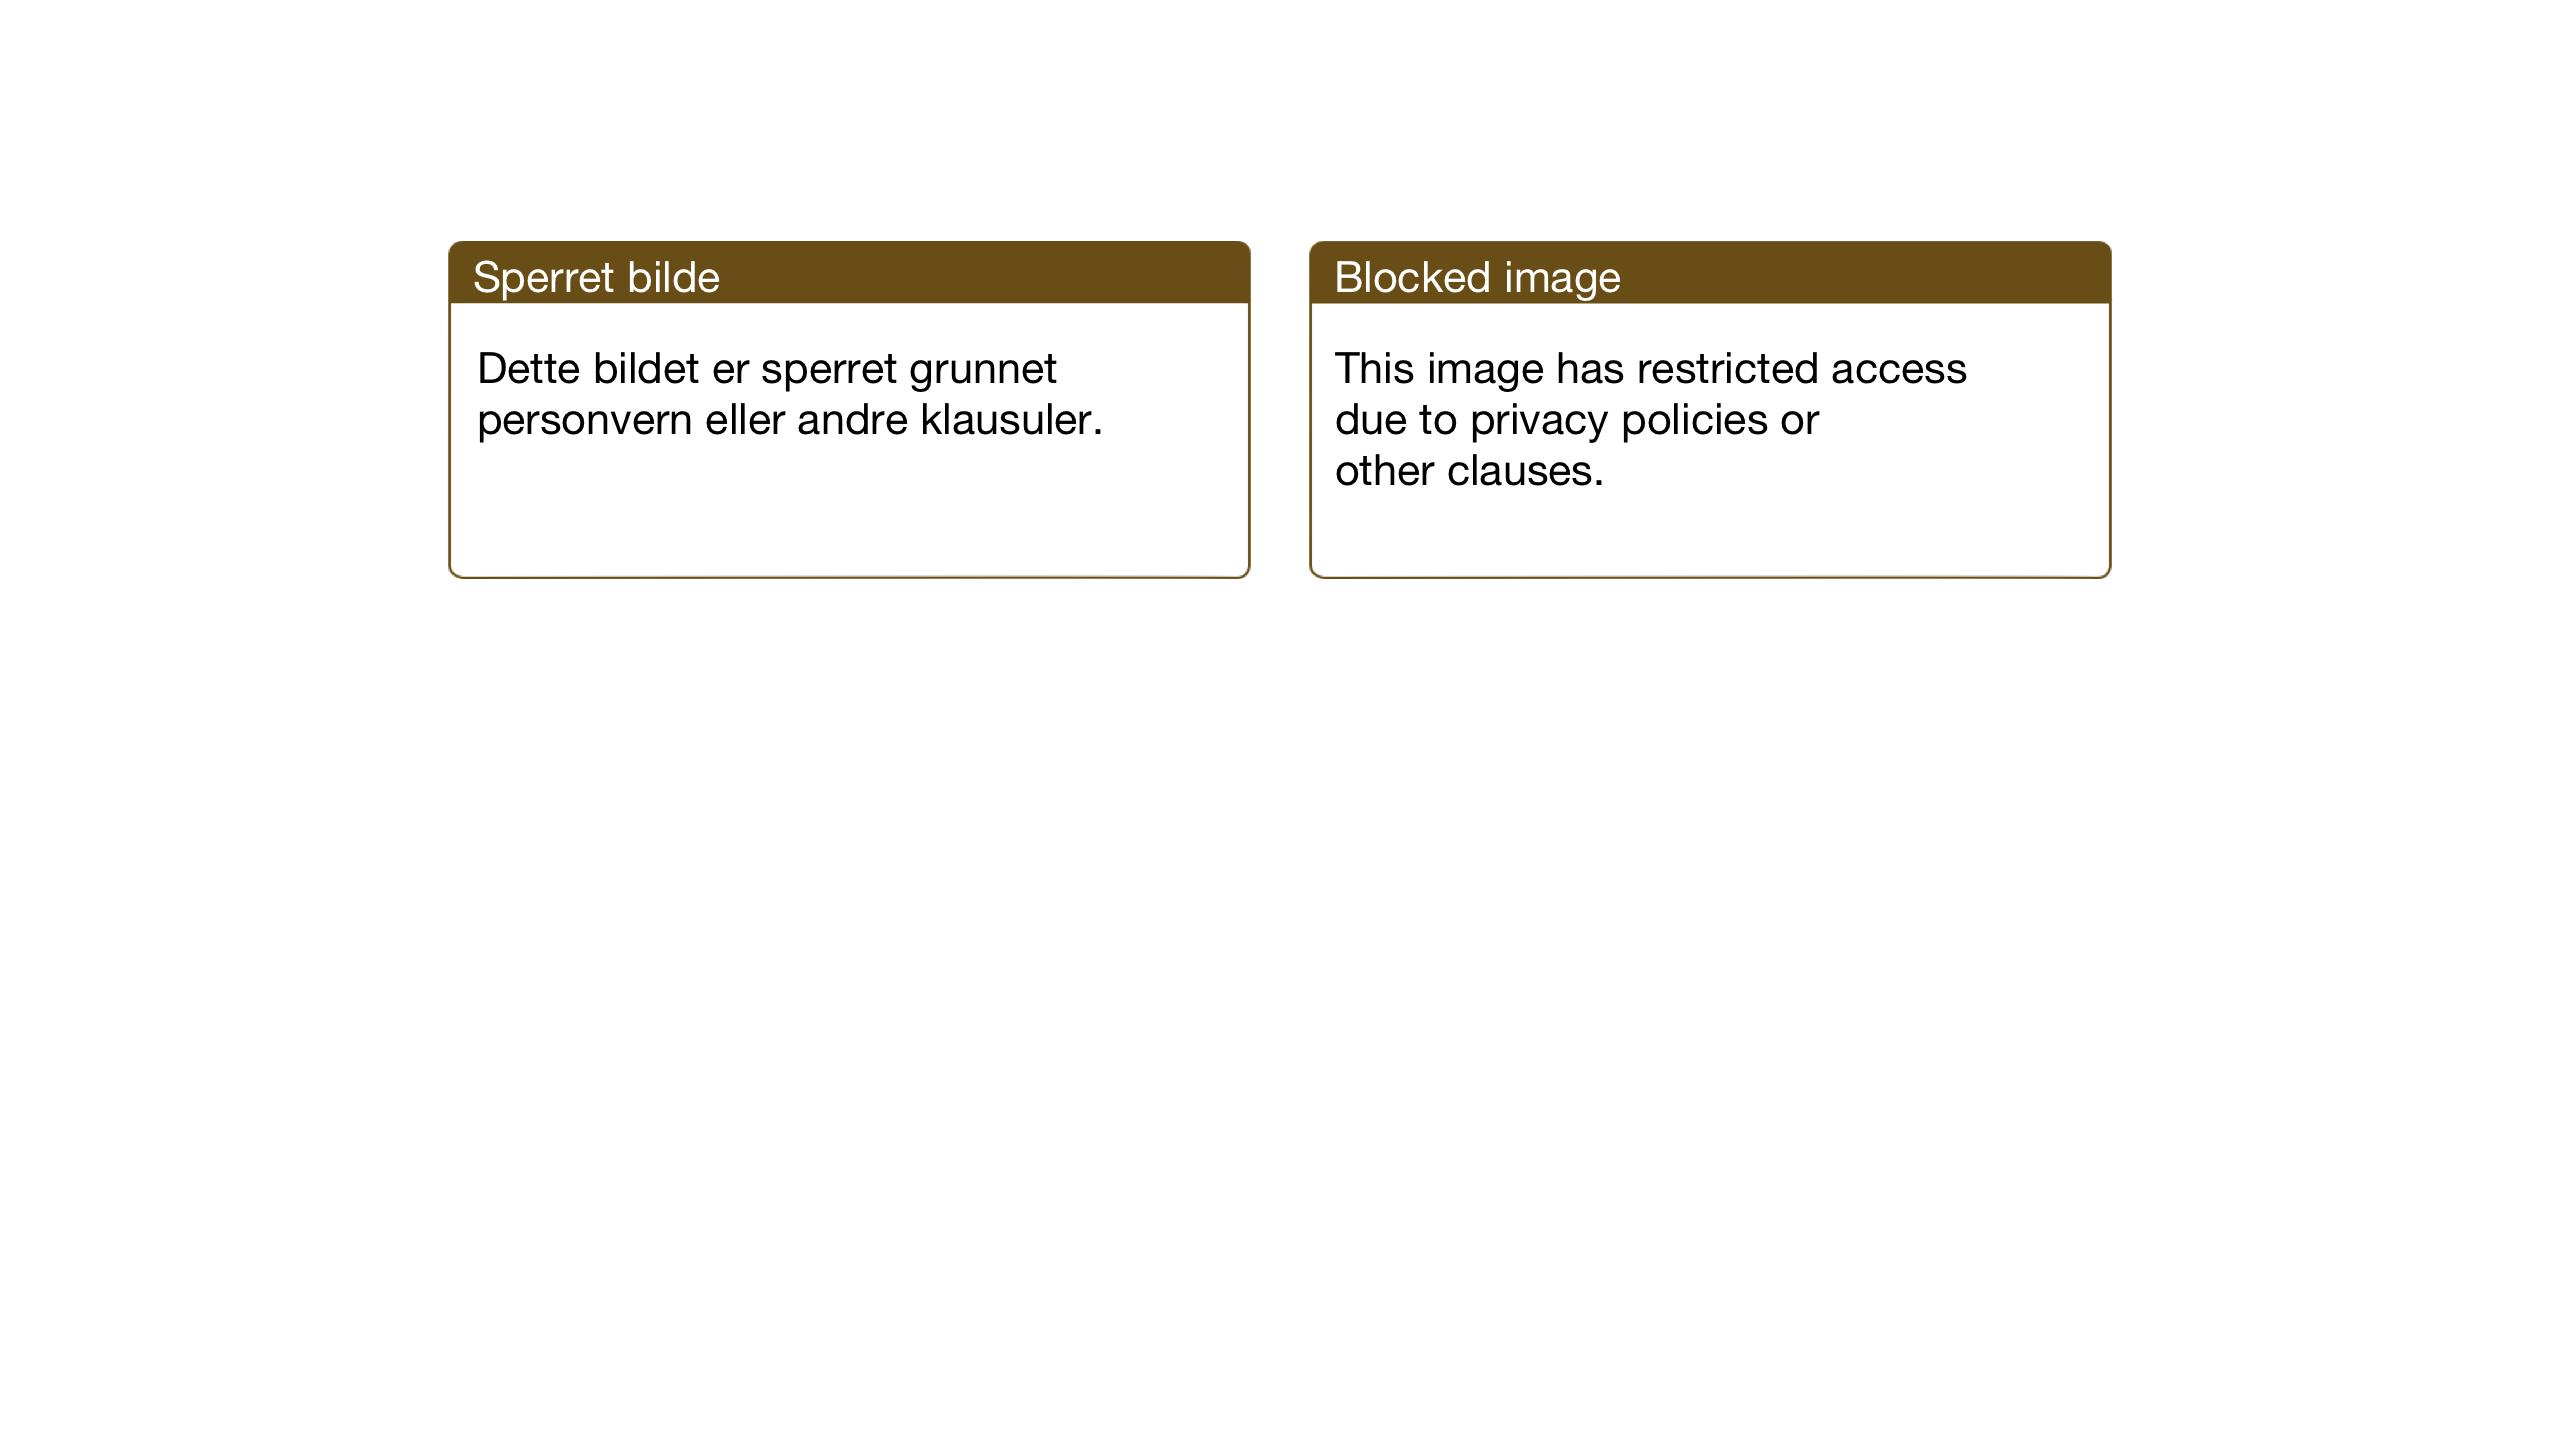 SAT, Ministerialprotokoller, klokkerbøker og fødselsregistre - Sør-Trøndelag, 604/L0227: Klokkerbok nr. 604C10, 1923-1942, s. 117